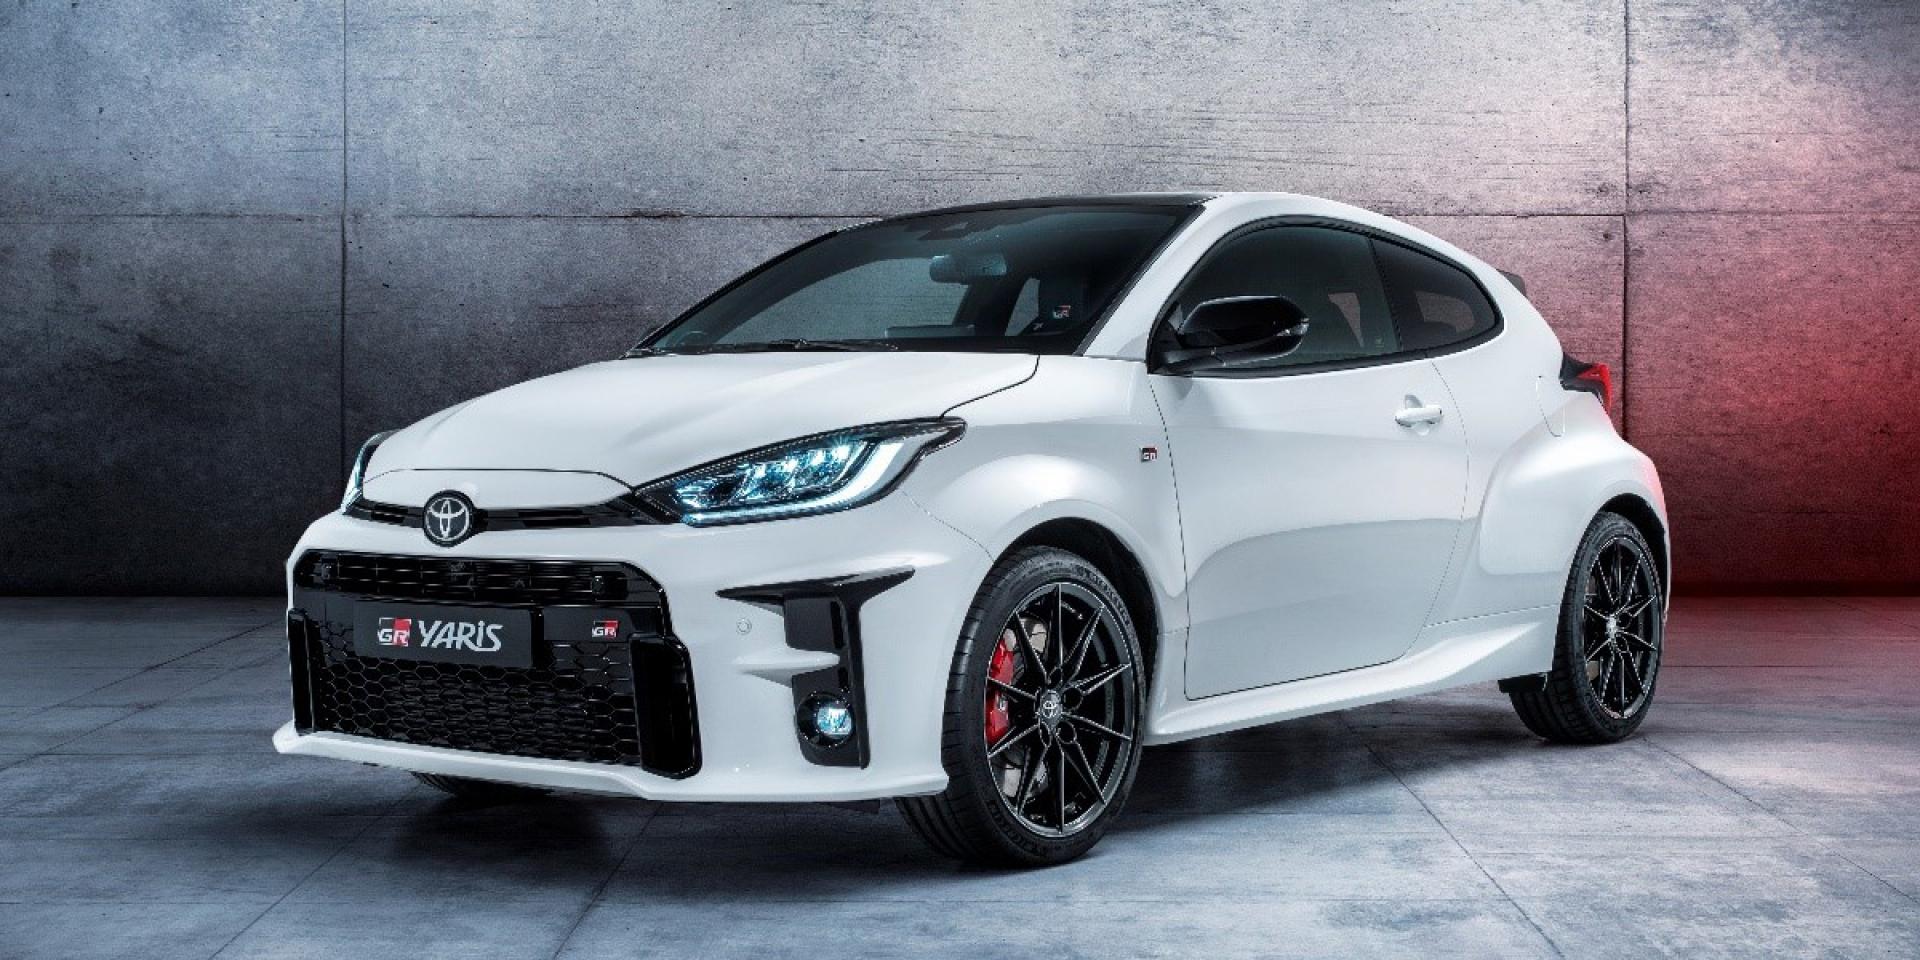 官方新聞稿。TOYOTA GR YARIS首批30台限量預購   來自WRC最純正的賽道駕馭體驗